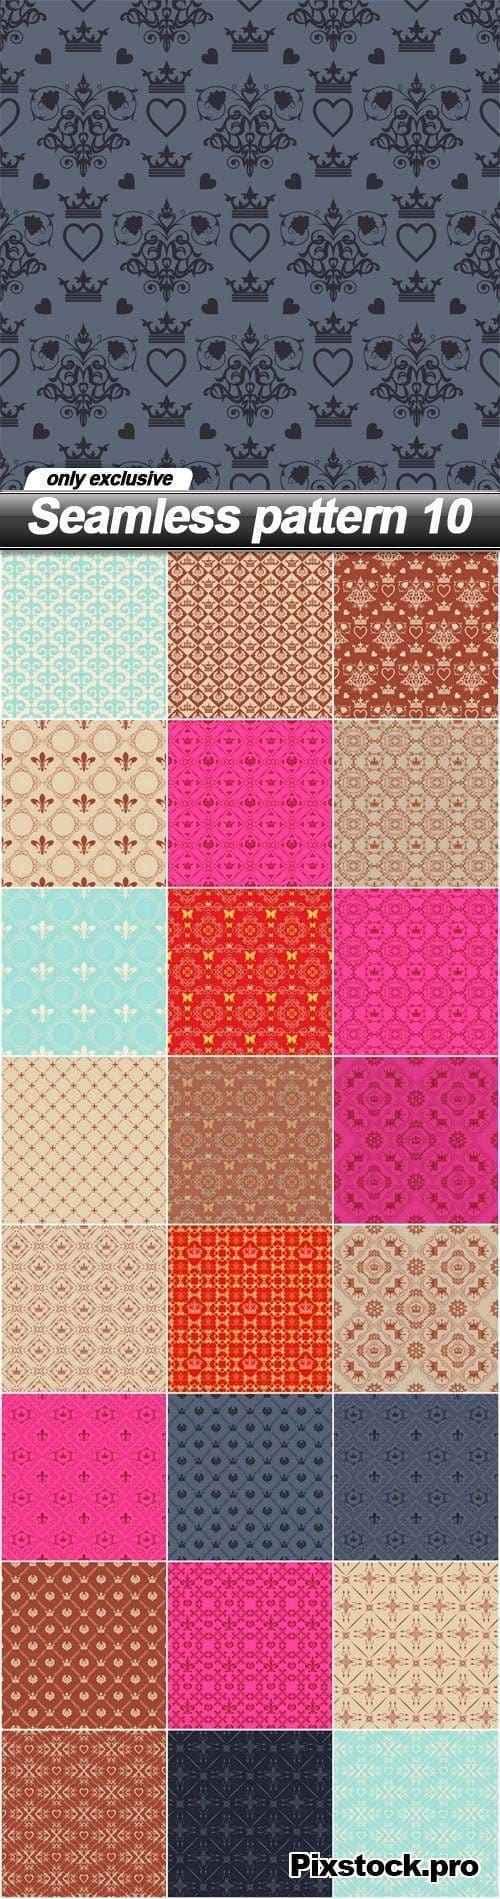 Seamless pattern 10 – 25 EPS